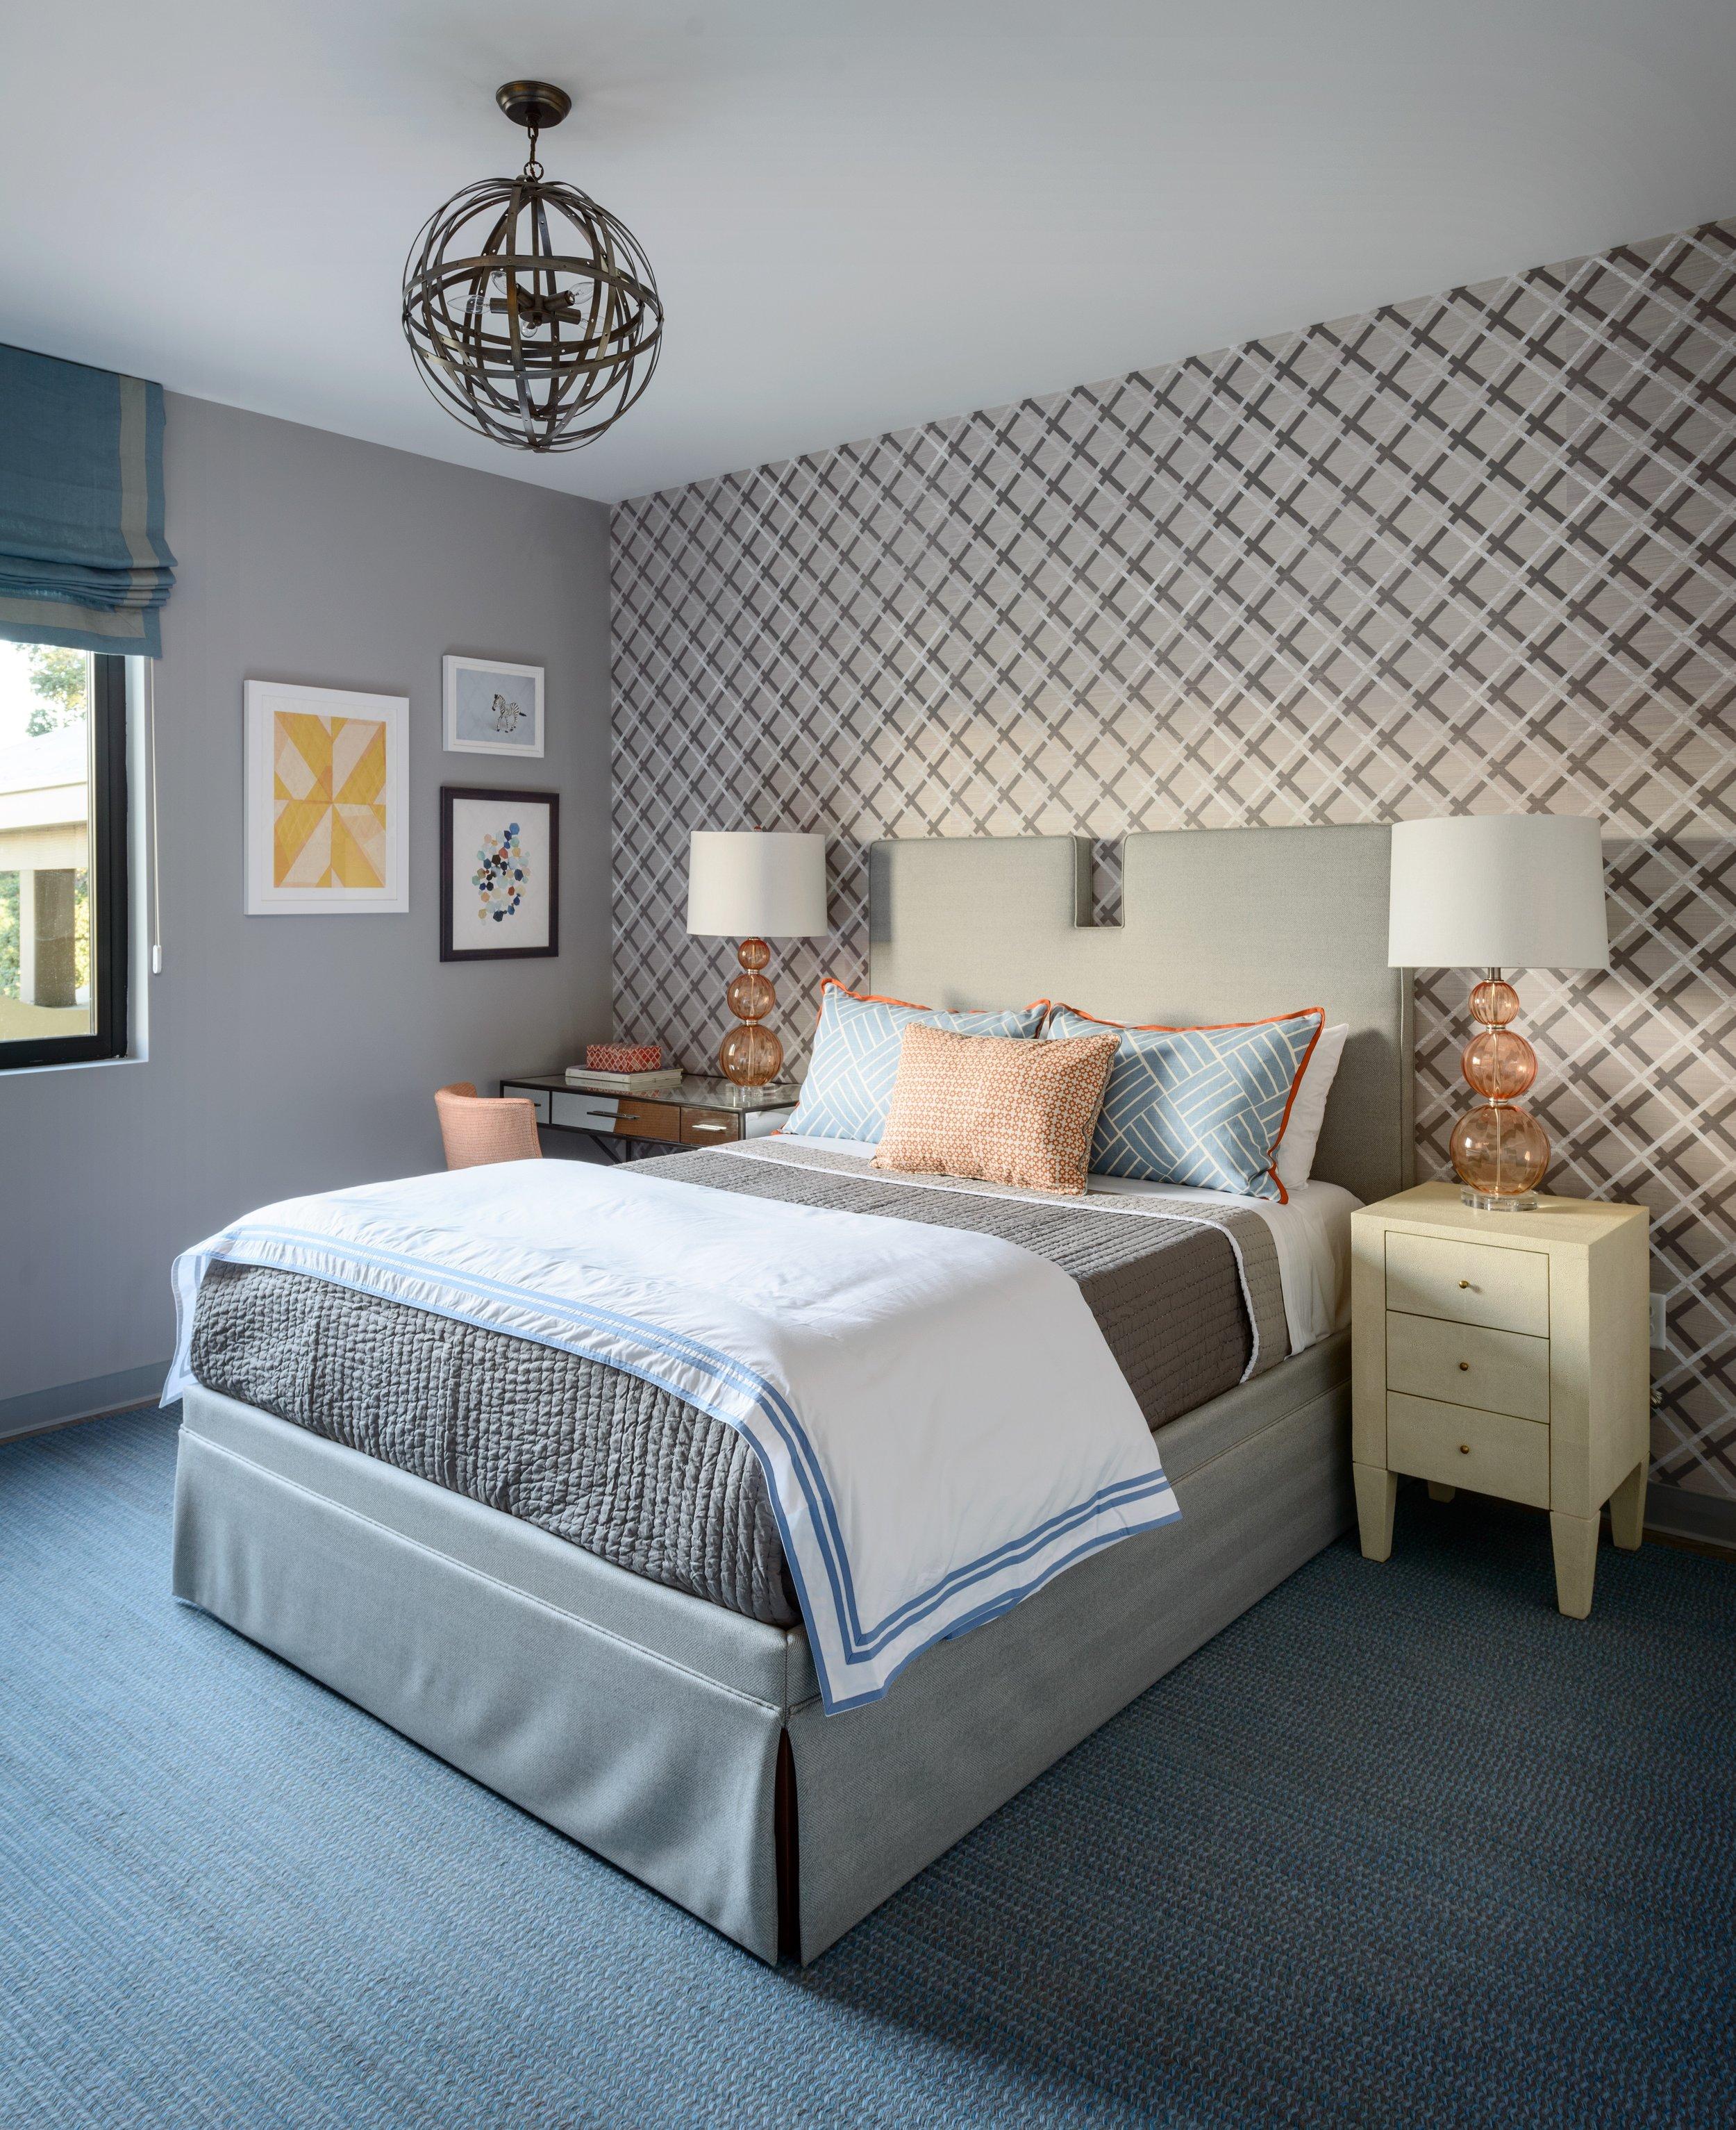 RMH Bedroom 220.jpg